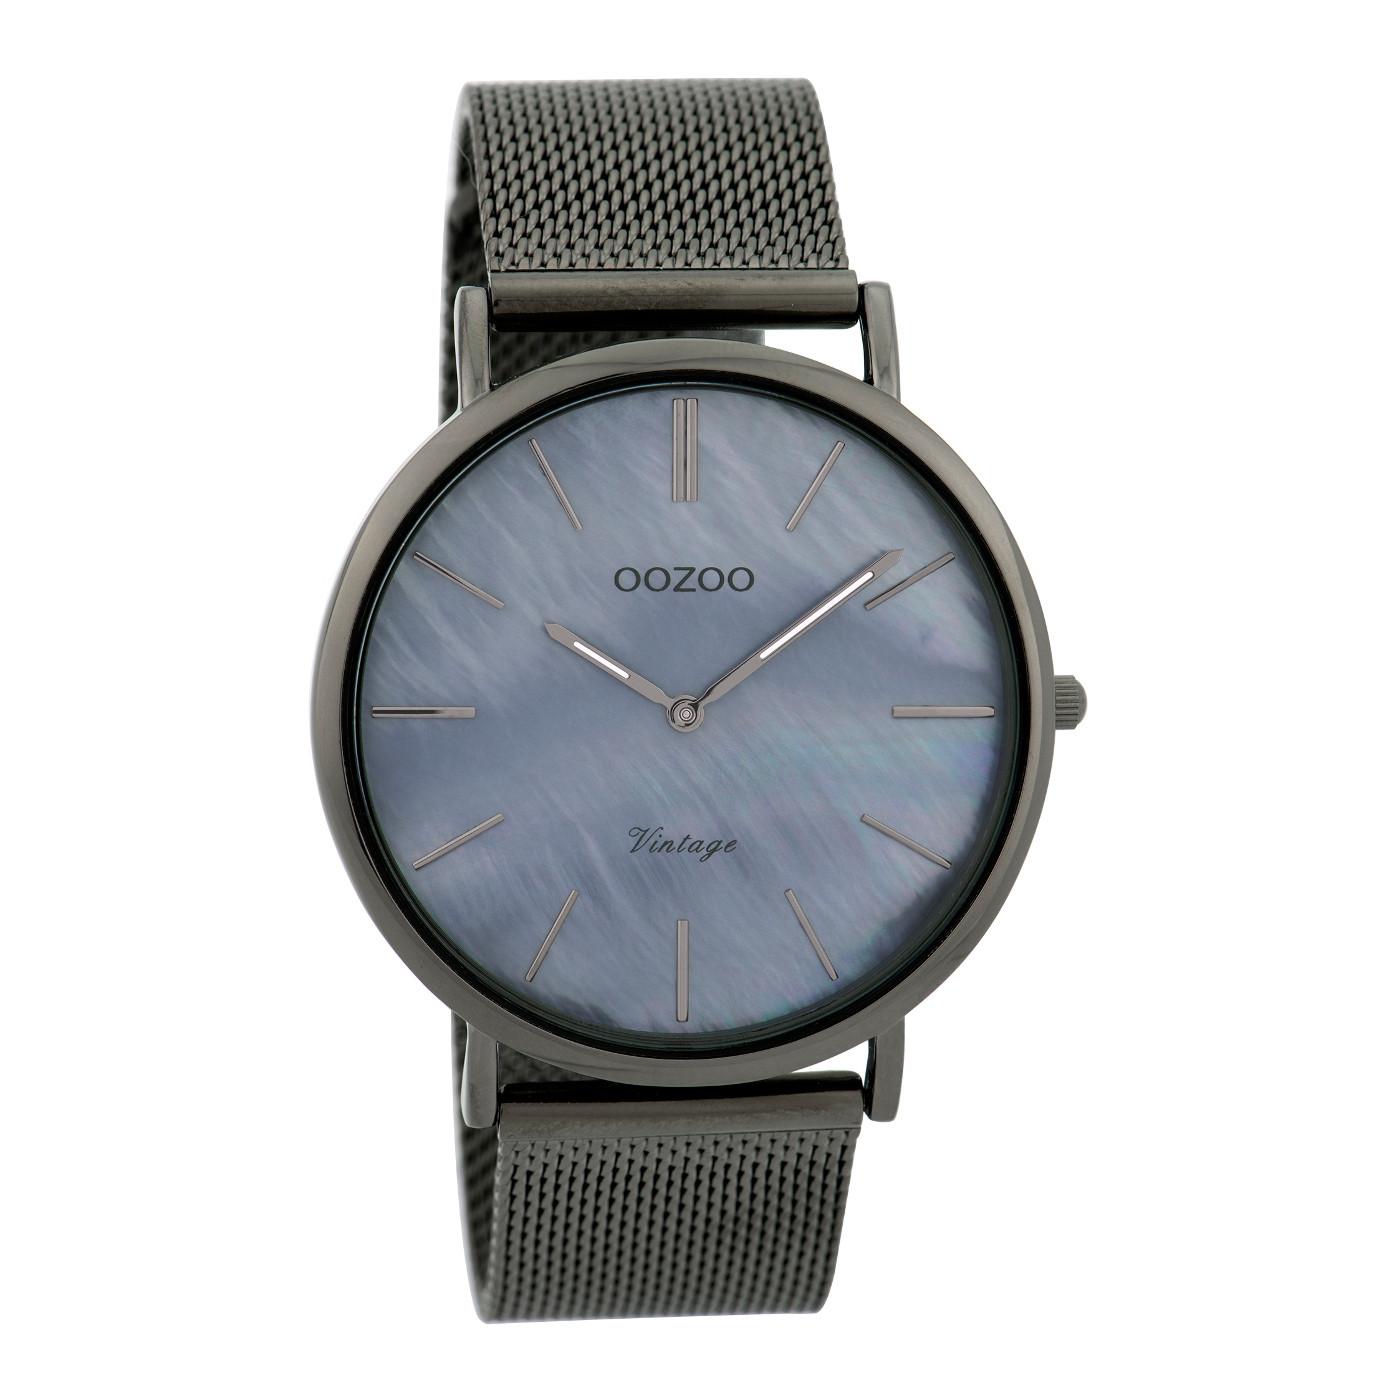 OOZOO Vintage Titanium horloge C9368 (40 mm)